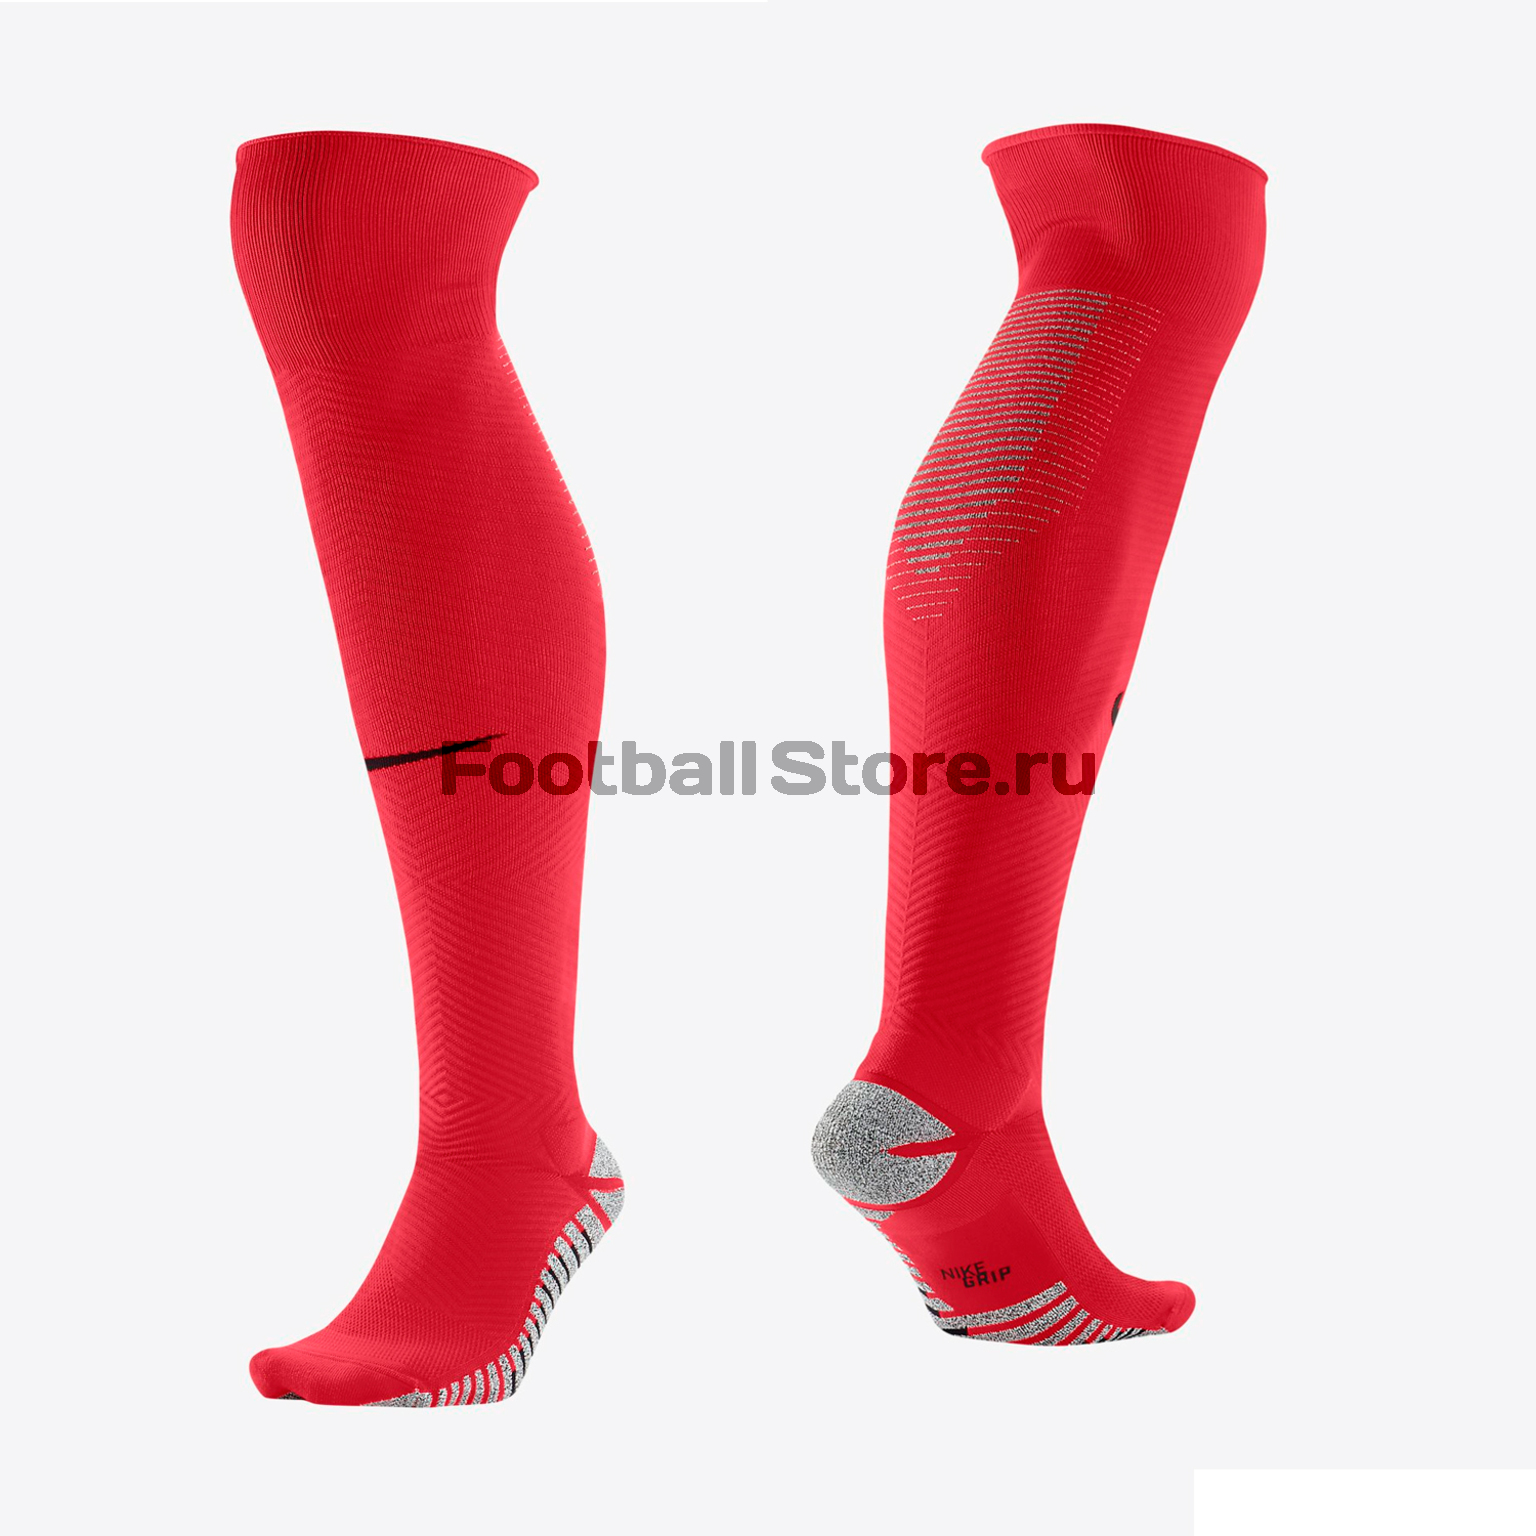 Гетры Nike Grip Strike Light OTC SX5485-657 гетры nike grip strike light otc sx5485 101